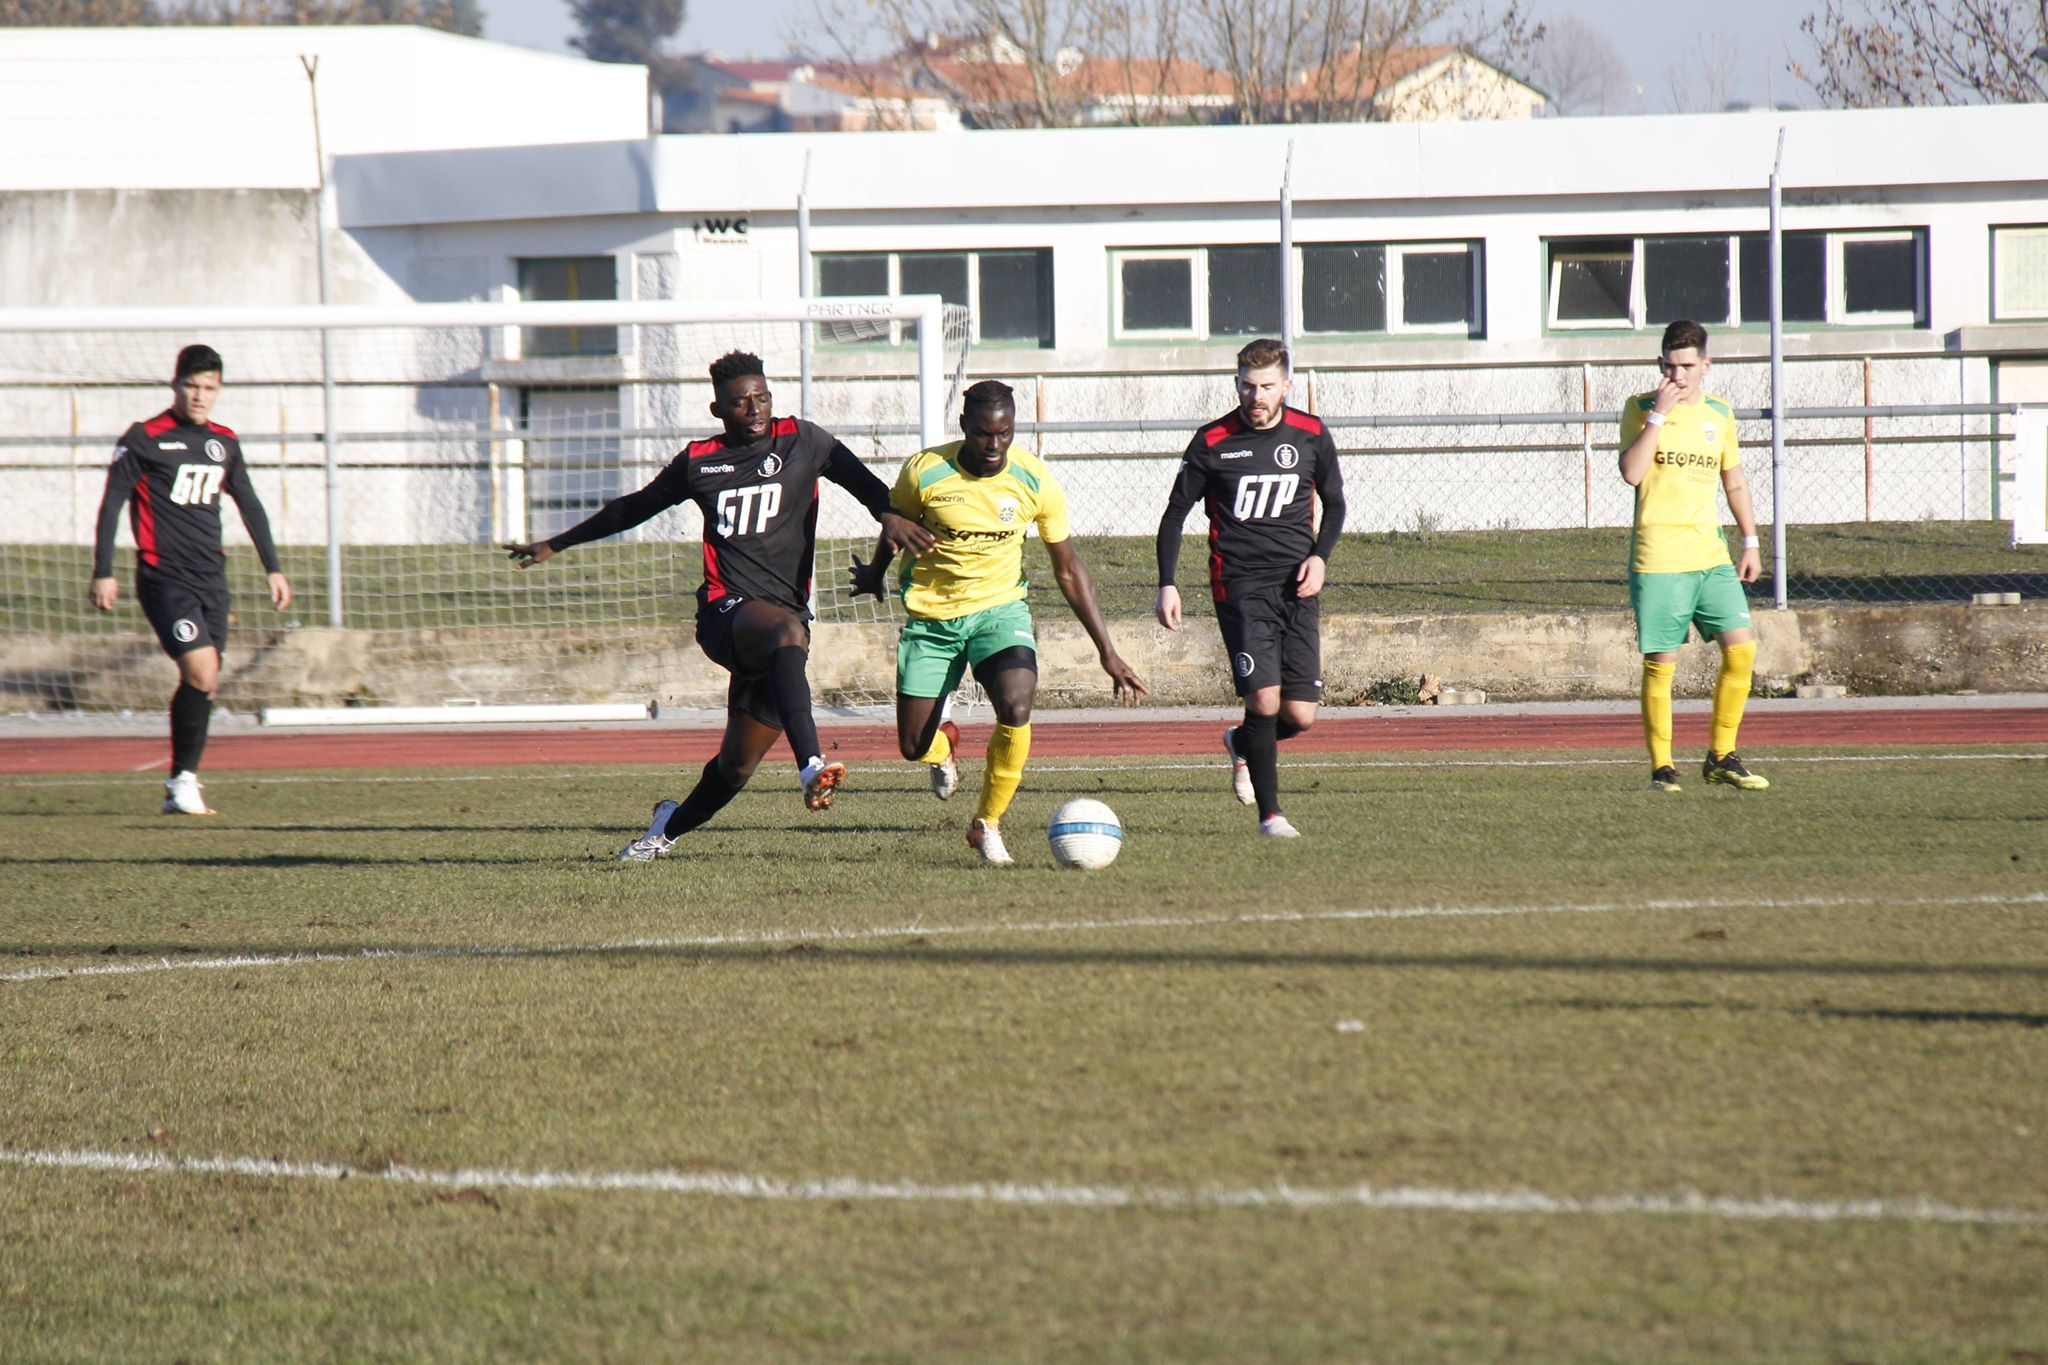 CA Macedo perde com o Minas Argozelo (0-2)